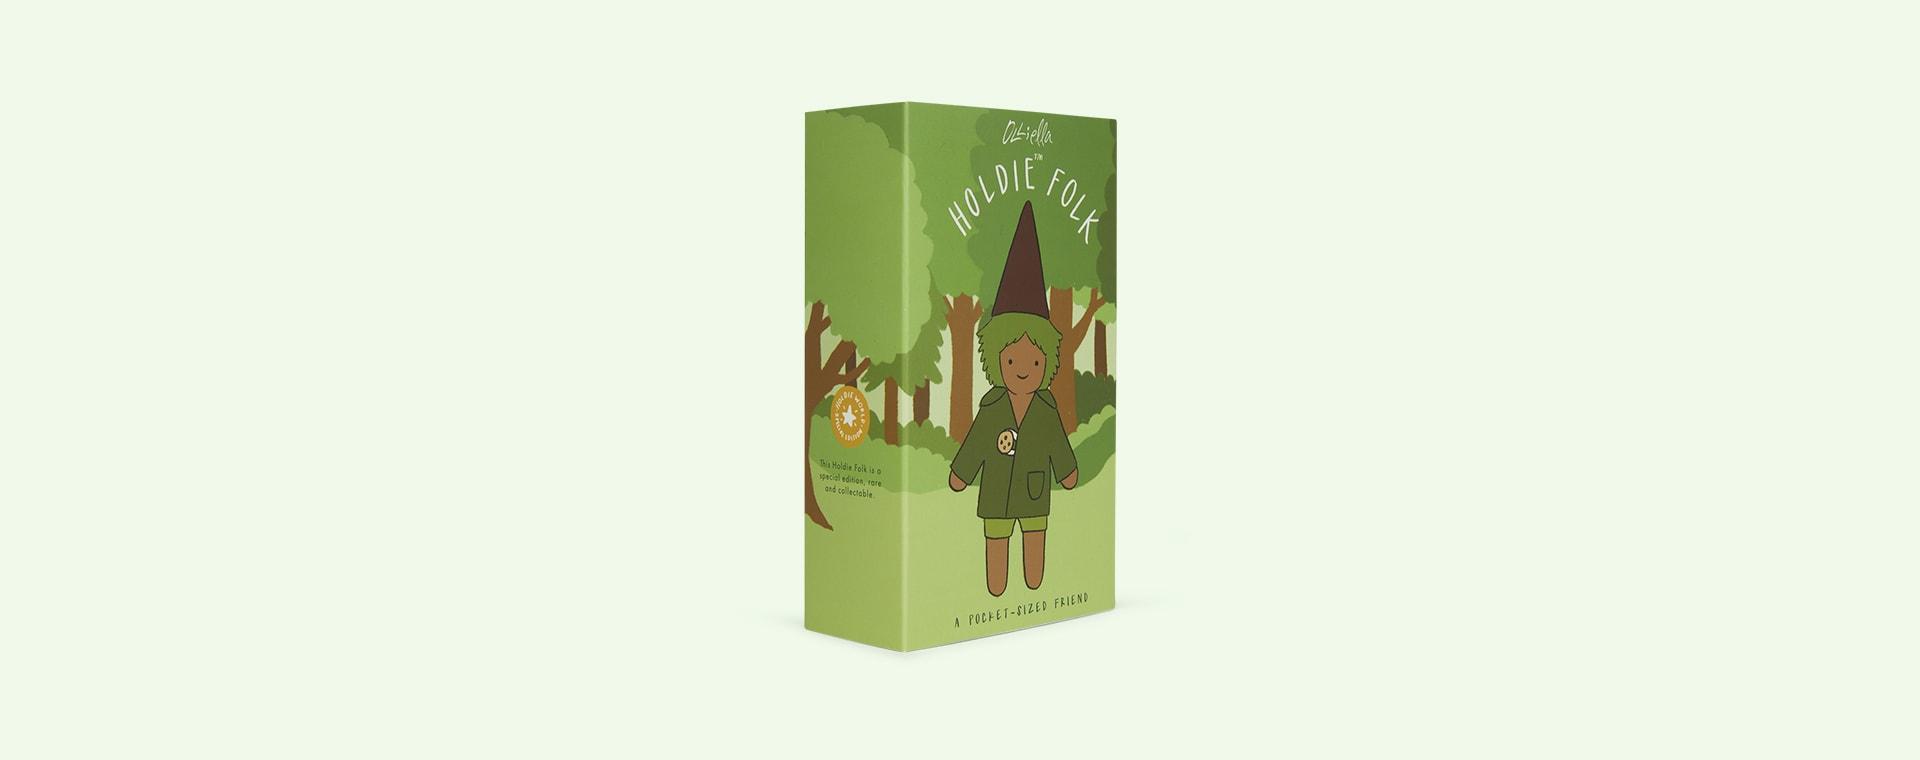 Sage Olli Ella Holdie Forest Folk